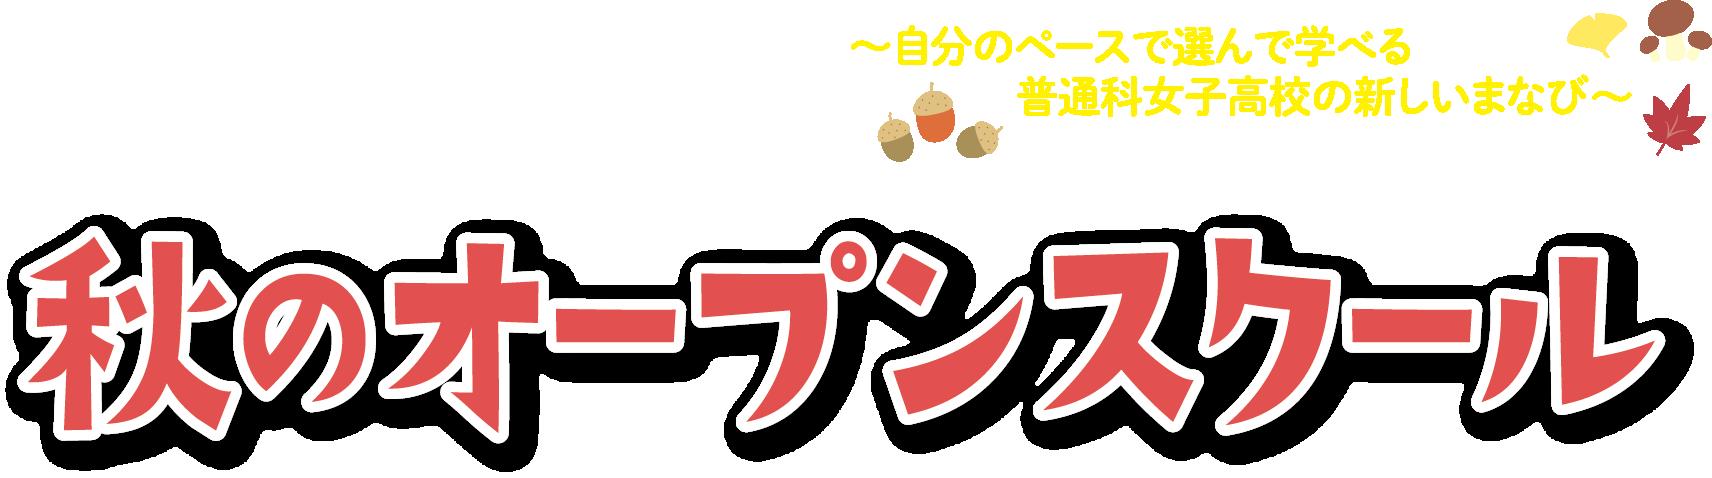 長崎女子高校 OPENSCHOOL ミニ文化祭